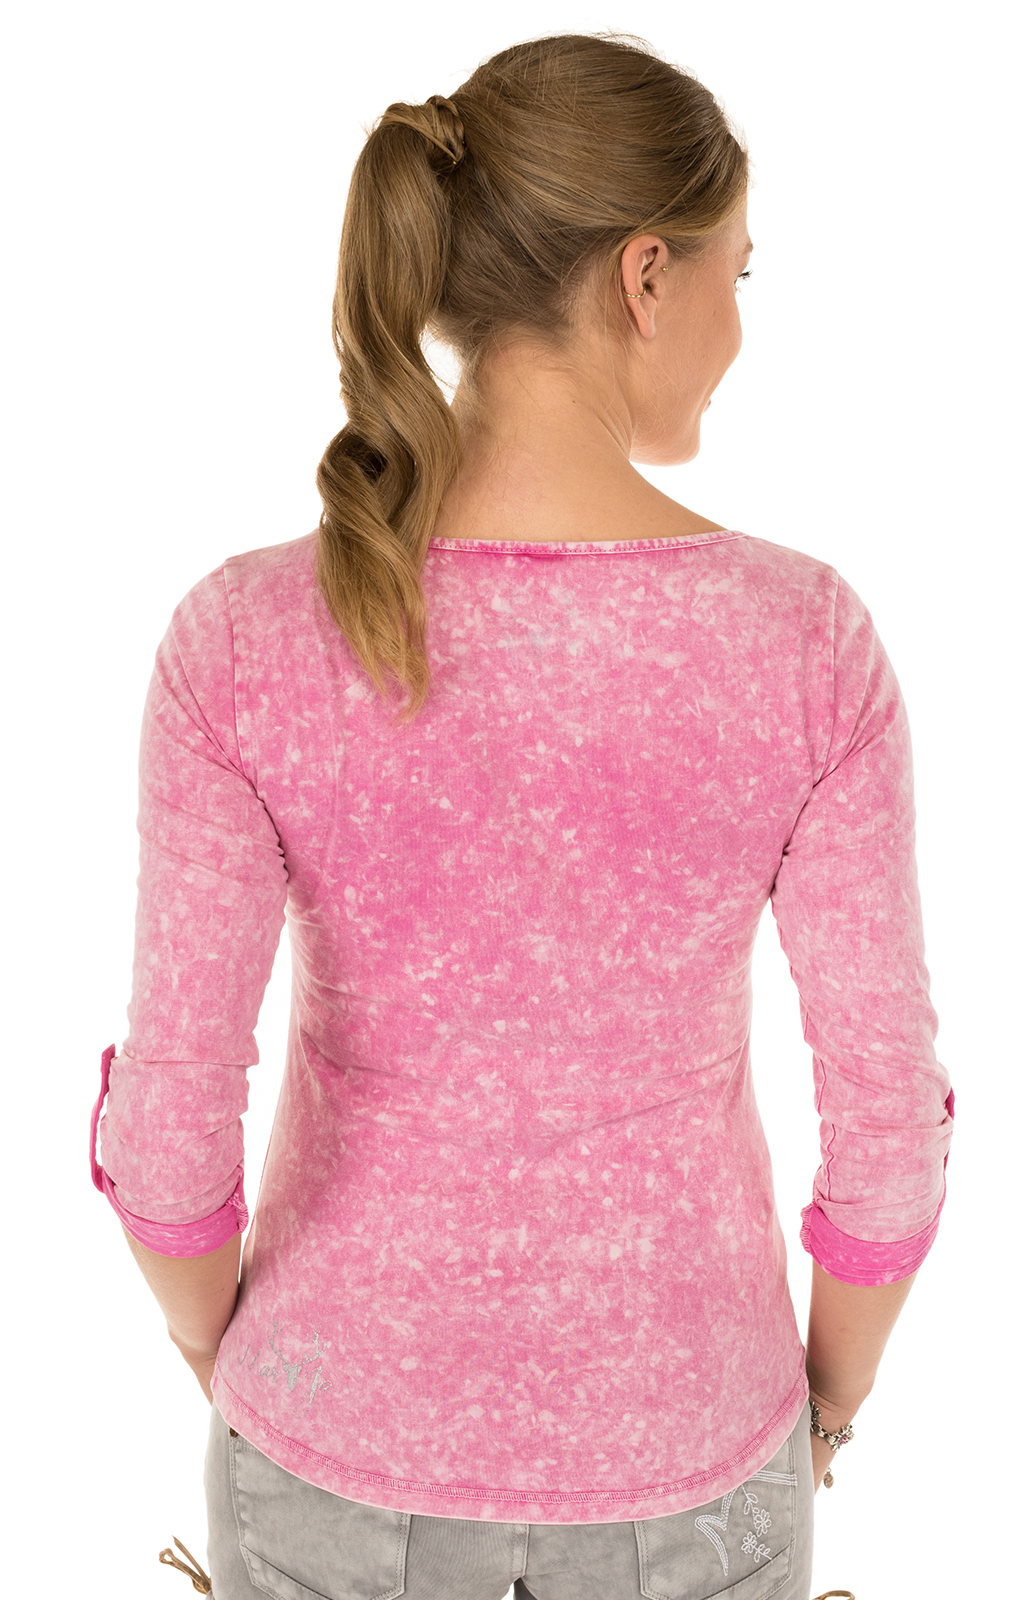 weitere Bilder von Trachten T-Shirt K30 FLIAGA pink